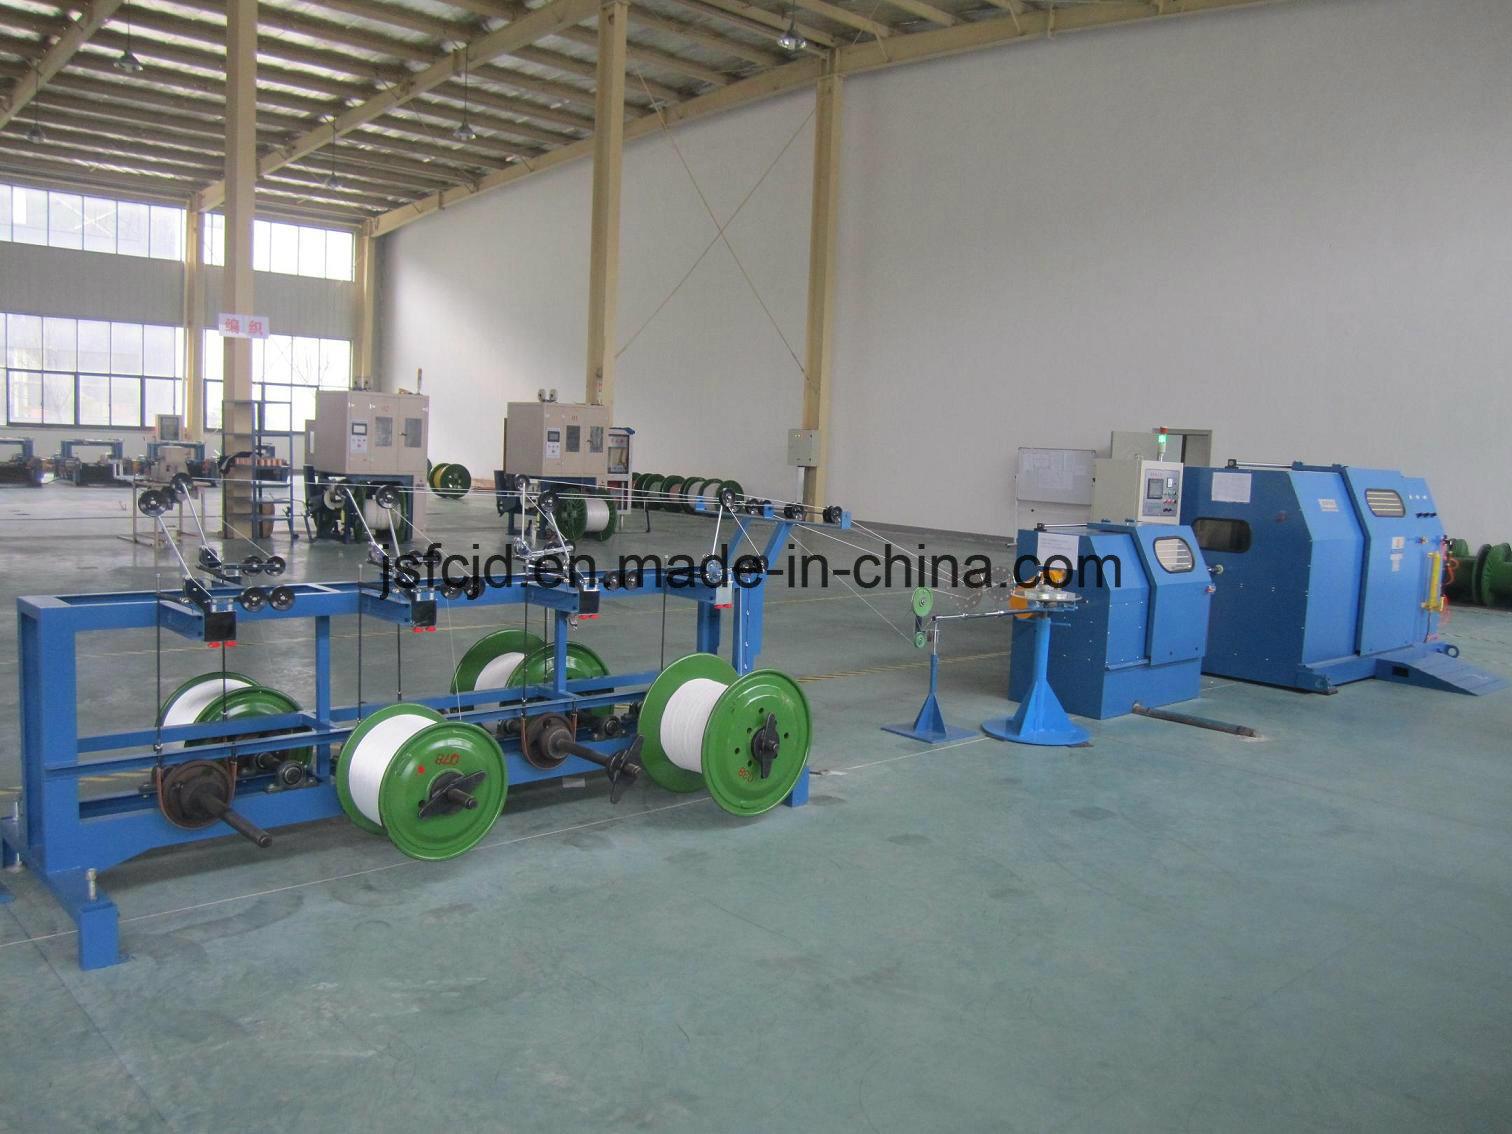 China Core Wire, Cable Wire, Bare Copper Wire, Electrical Wire ...